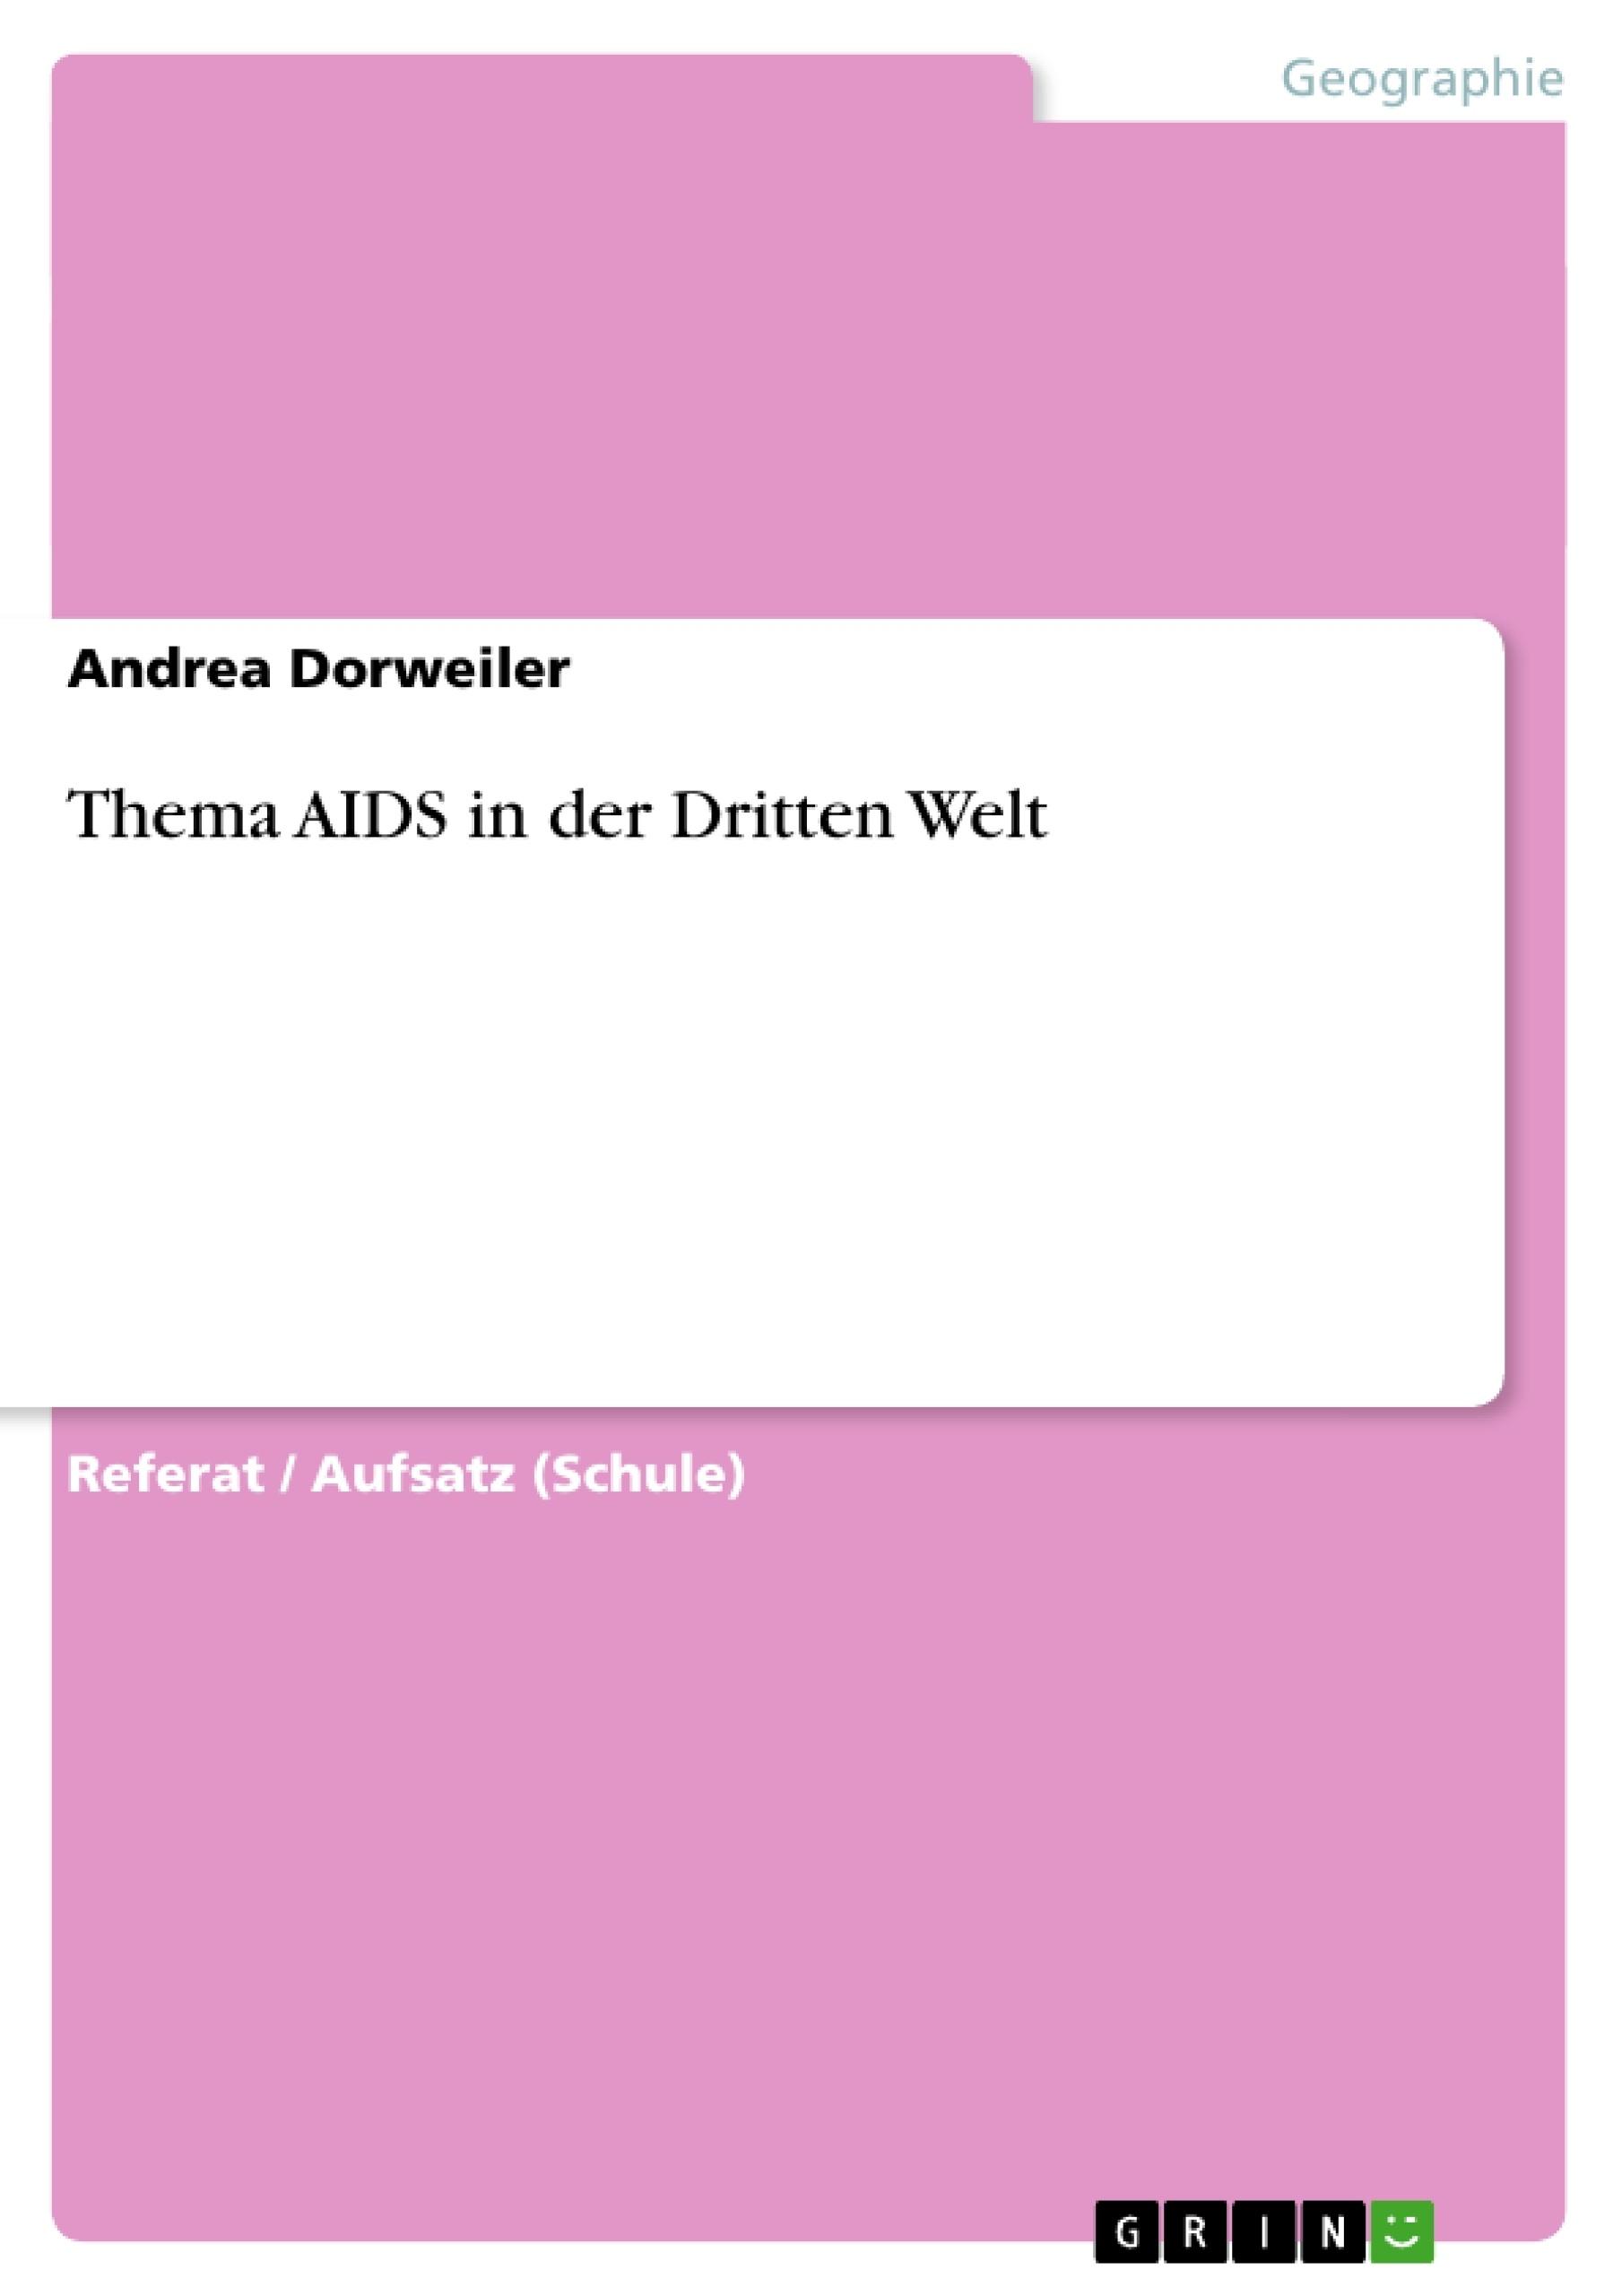 Titel: Thema AIDS in der Dritten Welt